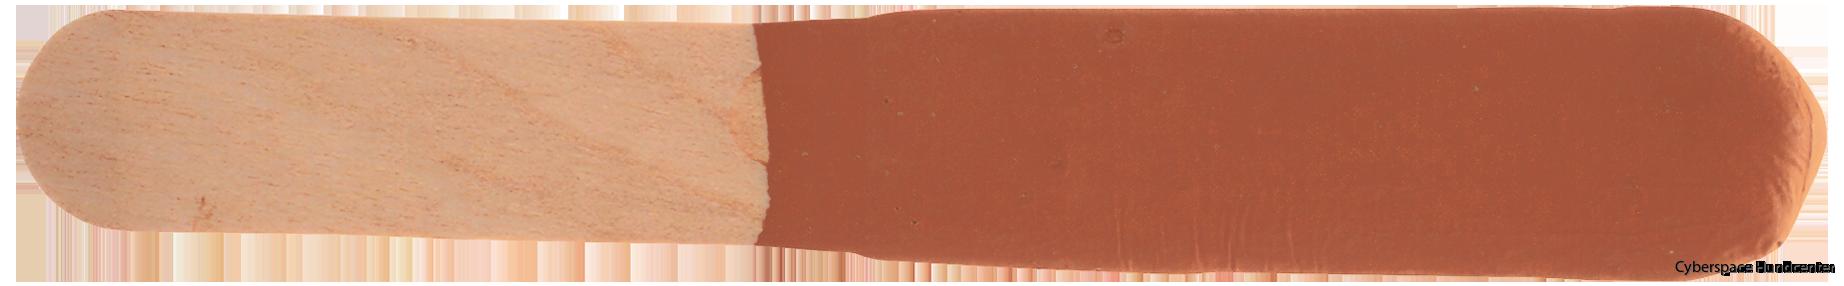 026-Rust-ChrisStix_FullRes